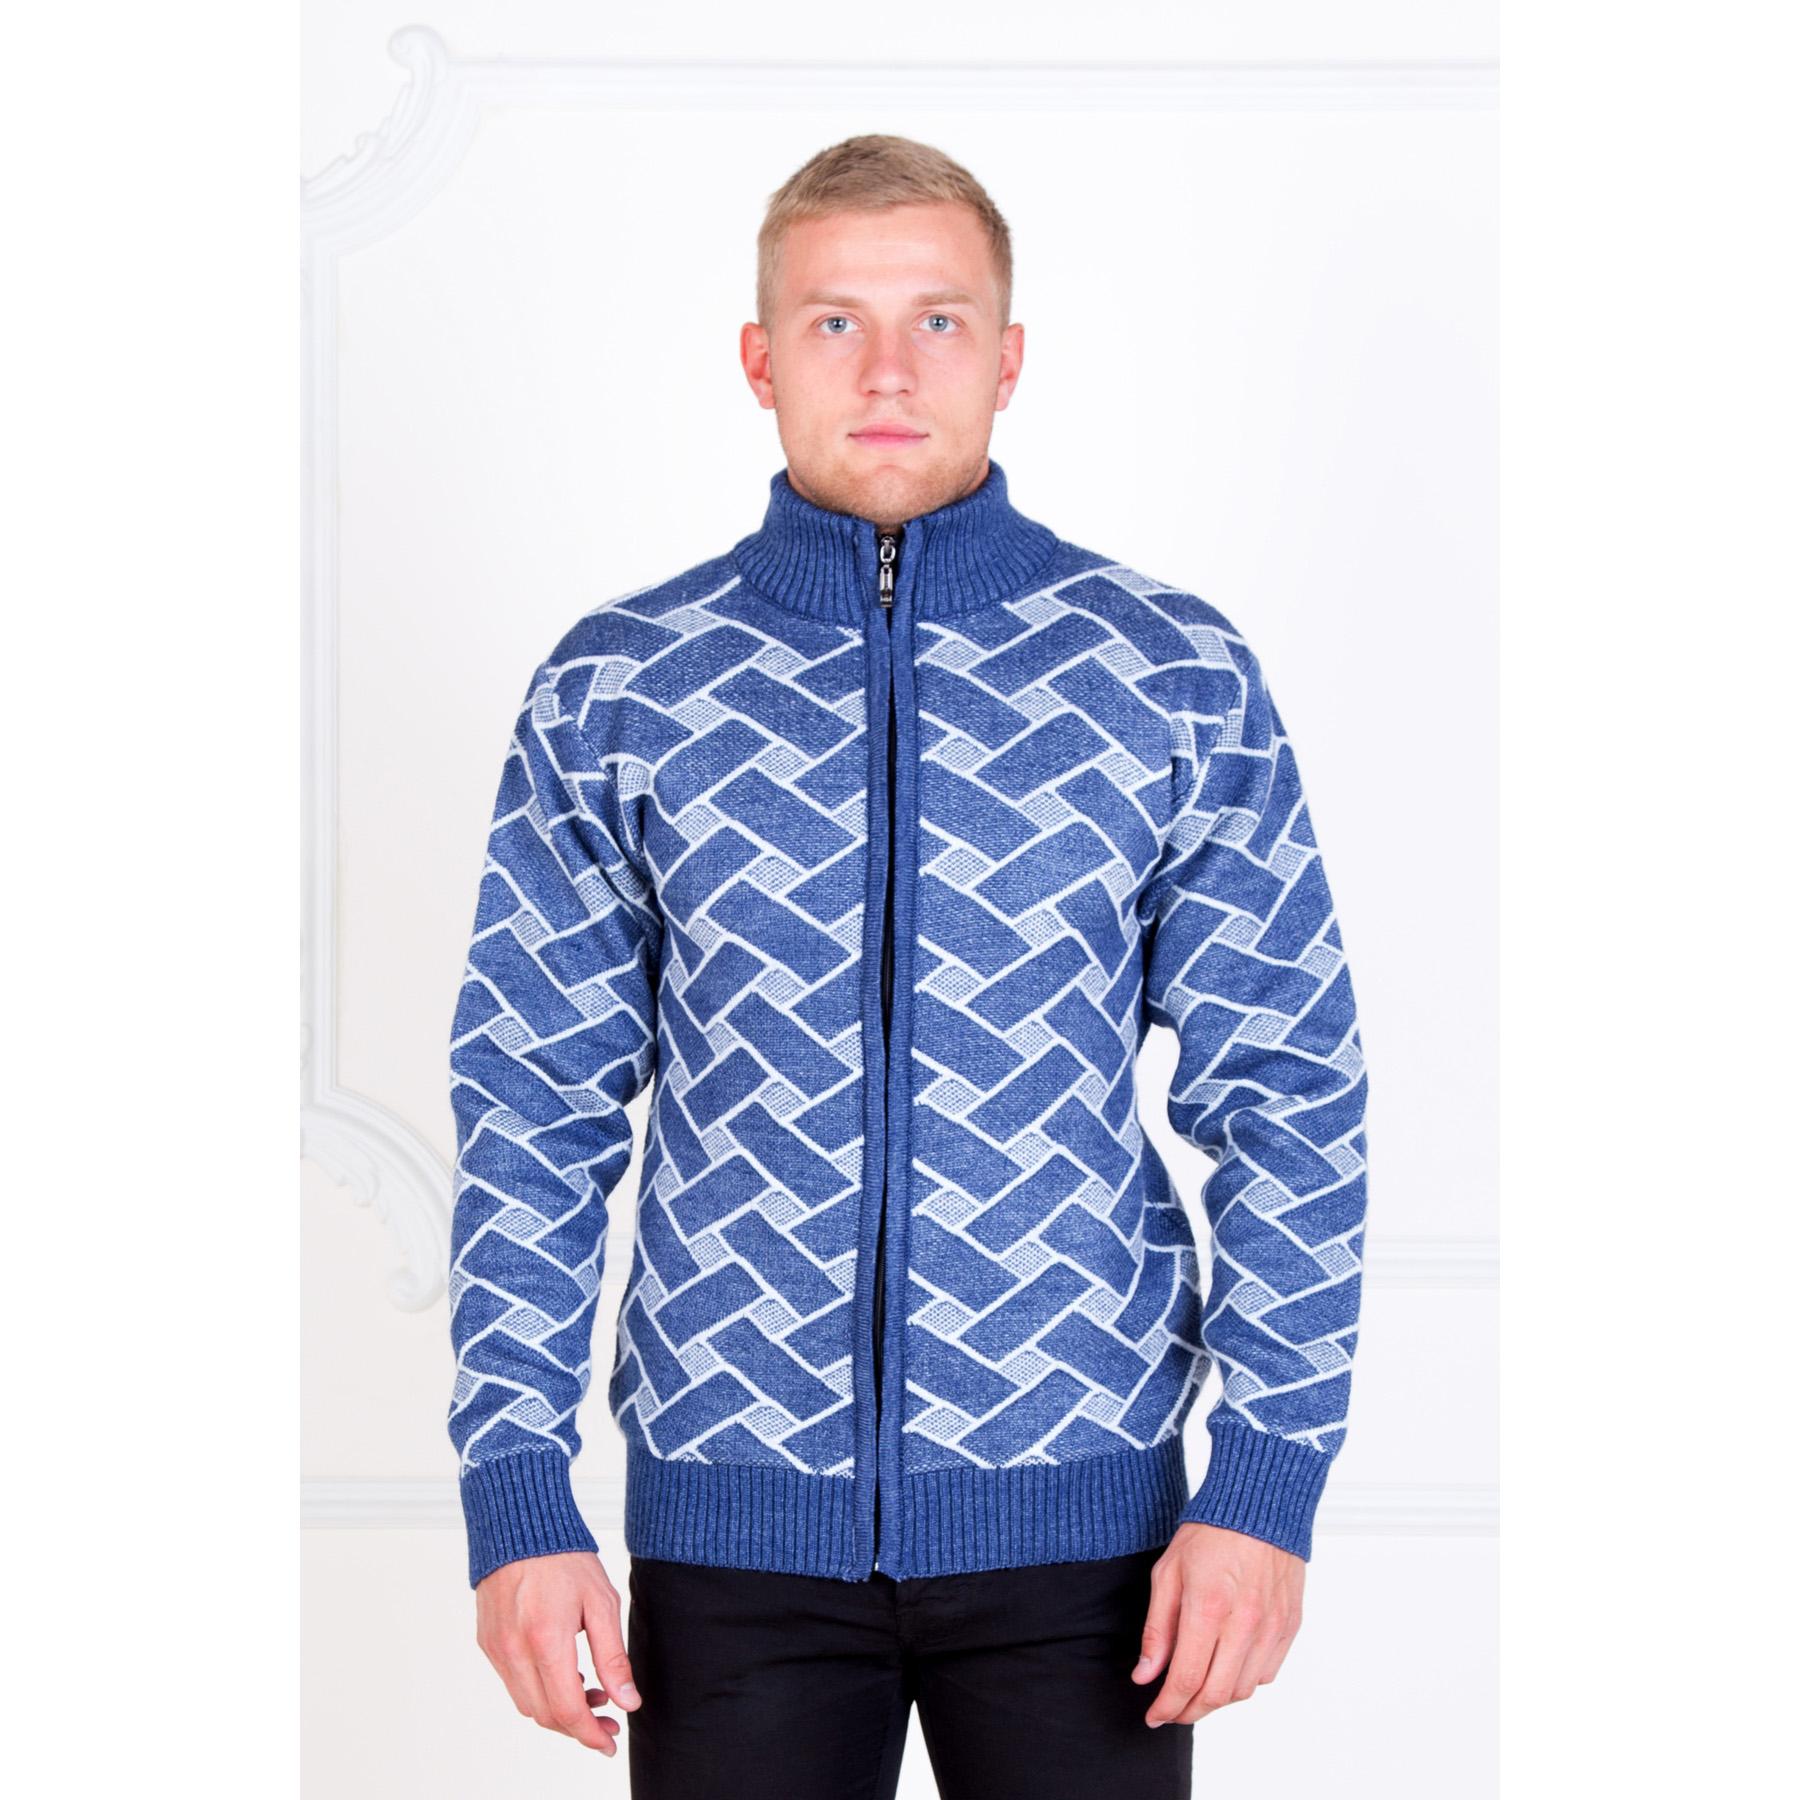 Мужской жакет синий «Оксфорд» , размер 56Толстовки, джемпера и рубашки<br>Обхват груди:112 см<br>Обхват талии:104 см<br>Обхват бедер:112 см<br>Рост:178-186 см<br><br>Тип: Муж. кофта<br>Размер: 56<br>Материал: Овечья шерсть